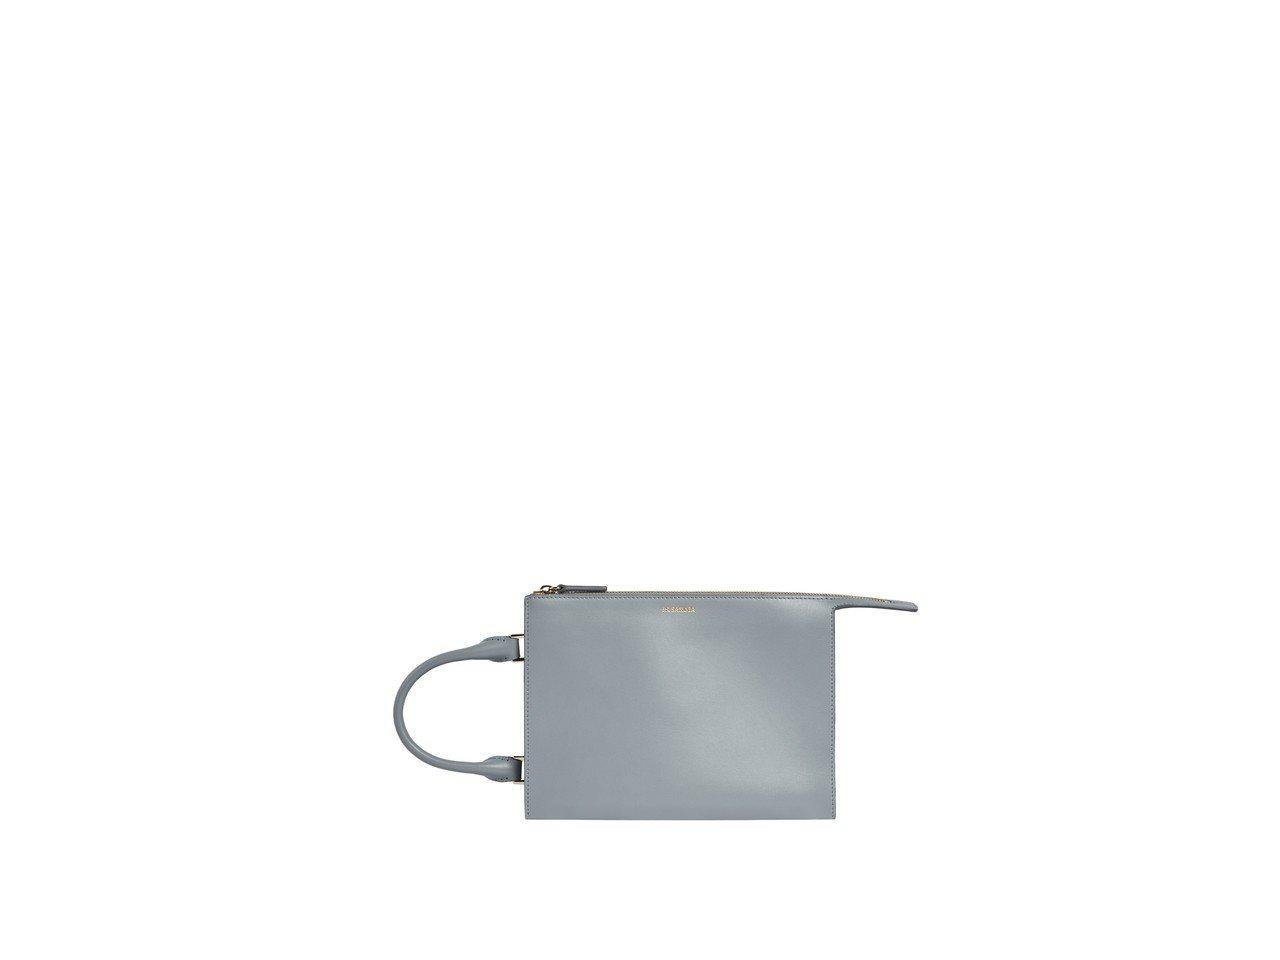 JIL SANDER手拿包,黑/白/灰色款,各售42,980元。圖/ART HA...